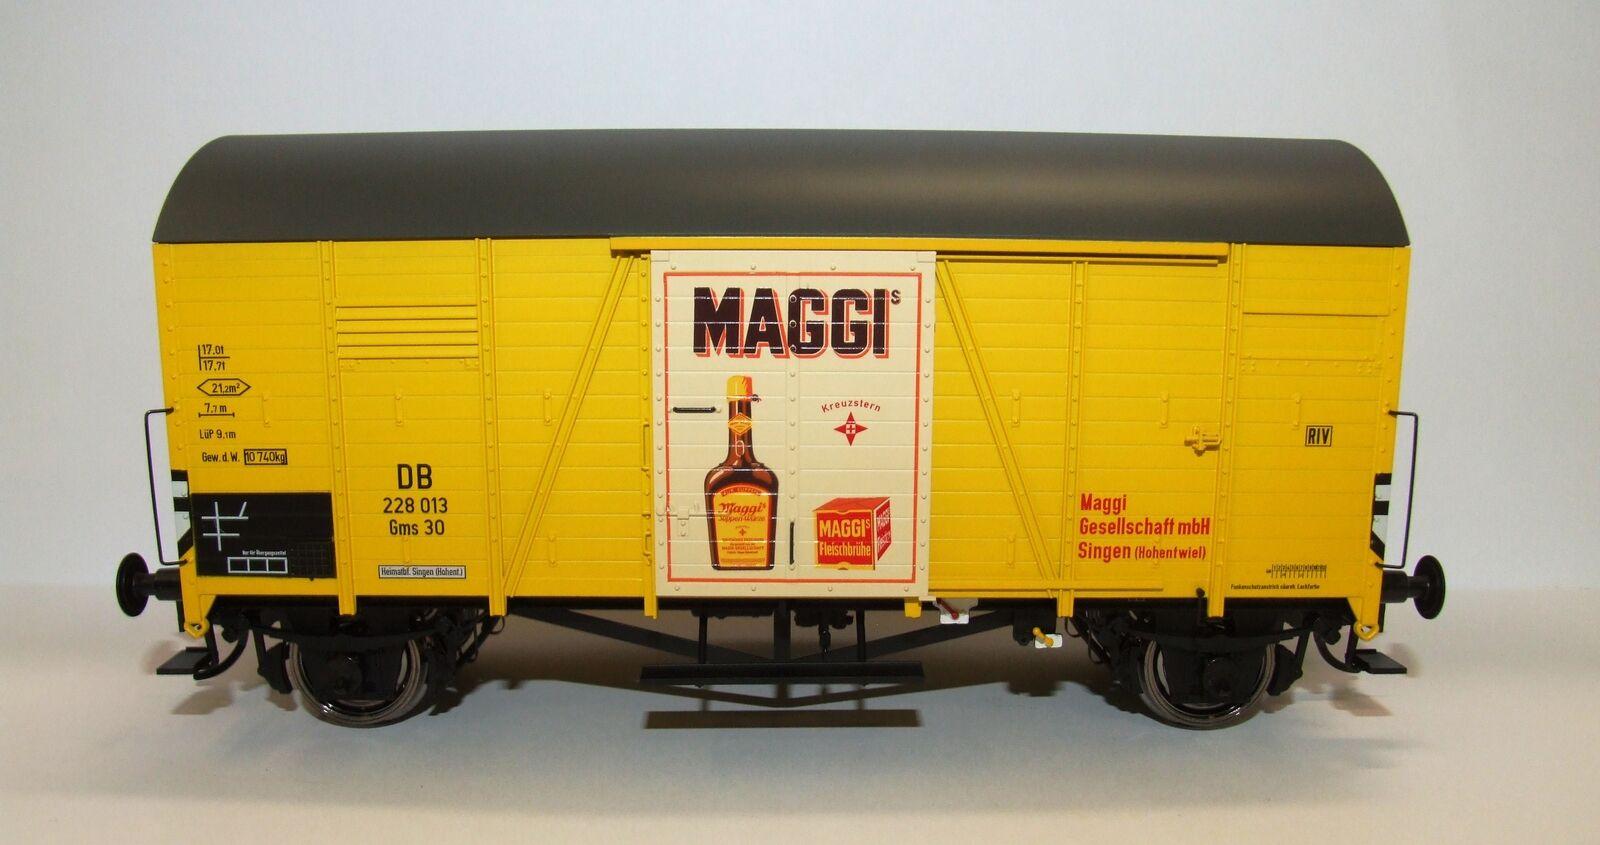 Brawa 37351 Escala 0 Vagón de Mercancía Oppeln Gms30 DB, III, Maggi